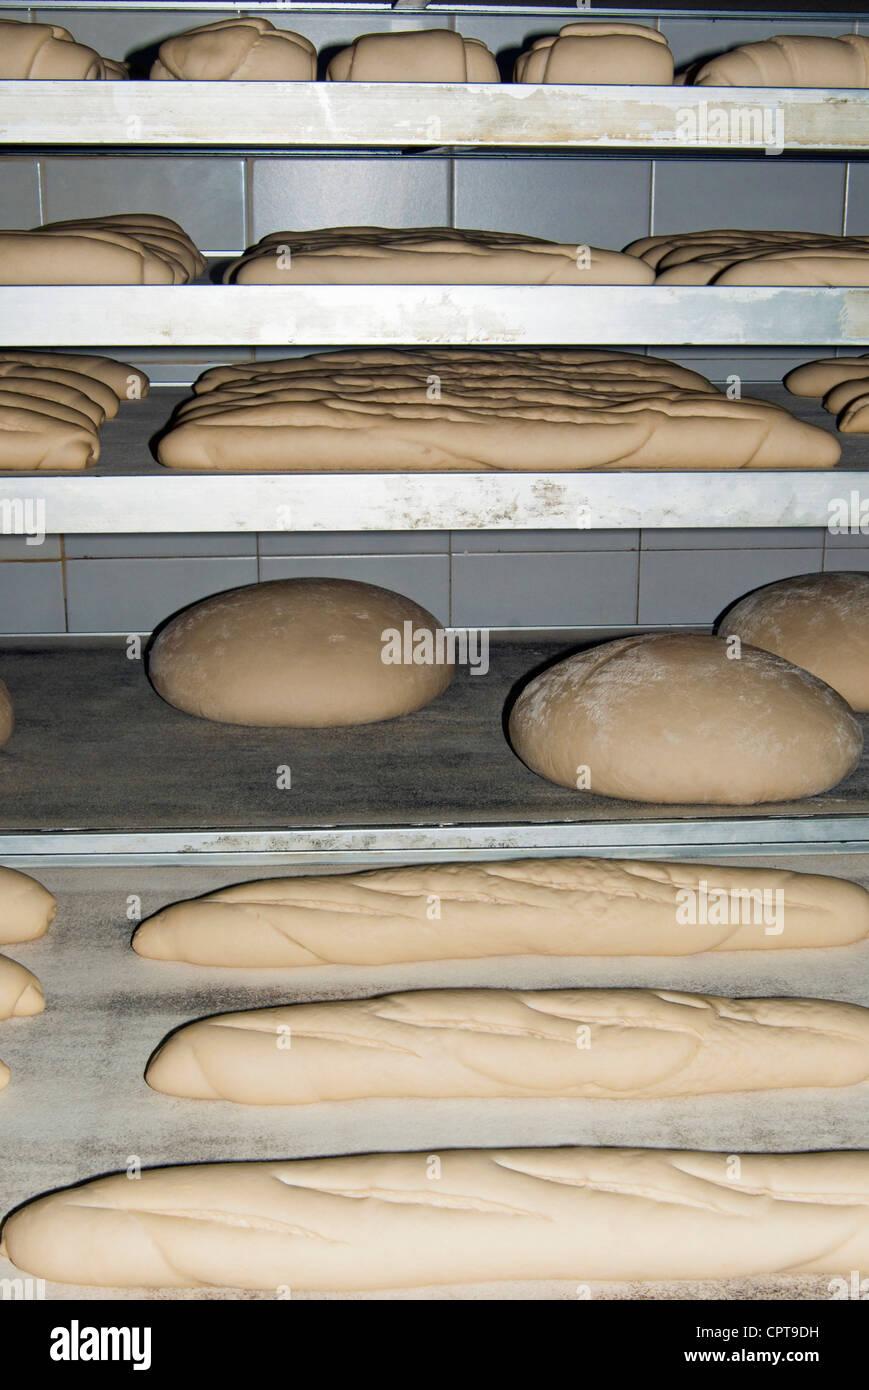 Natürlich gesäuertes Brot, italienische Küche, Italien Stockbild